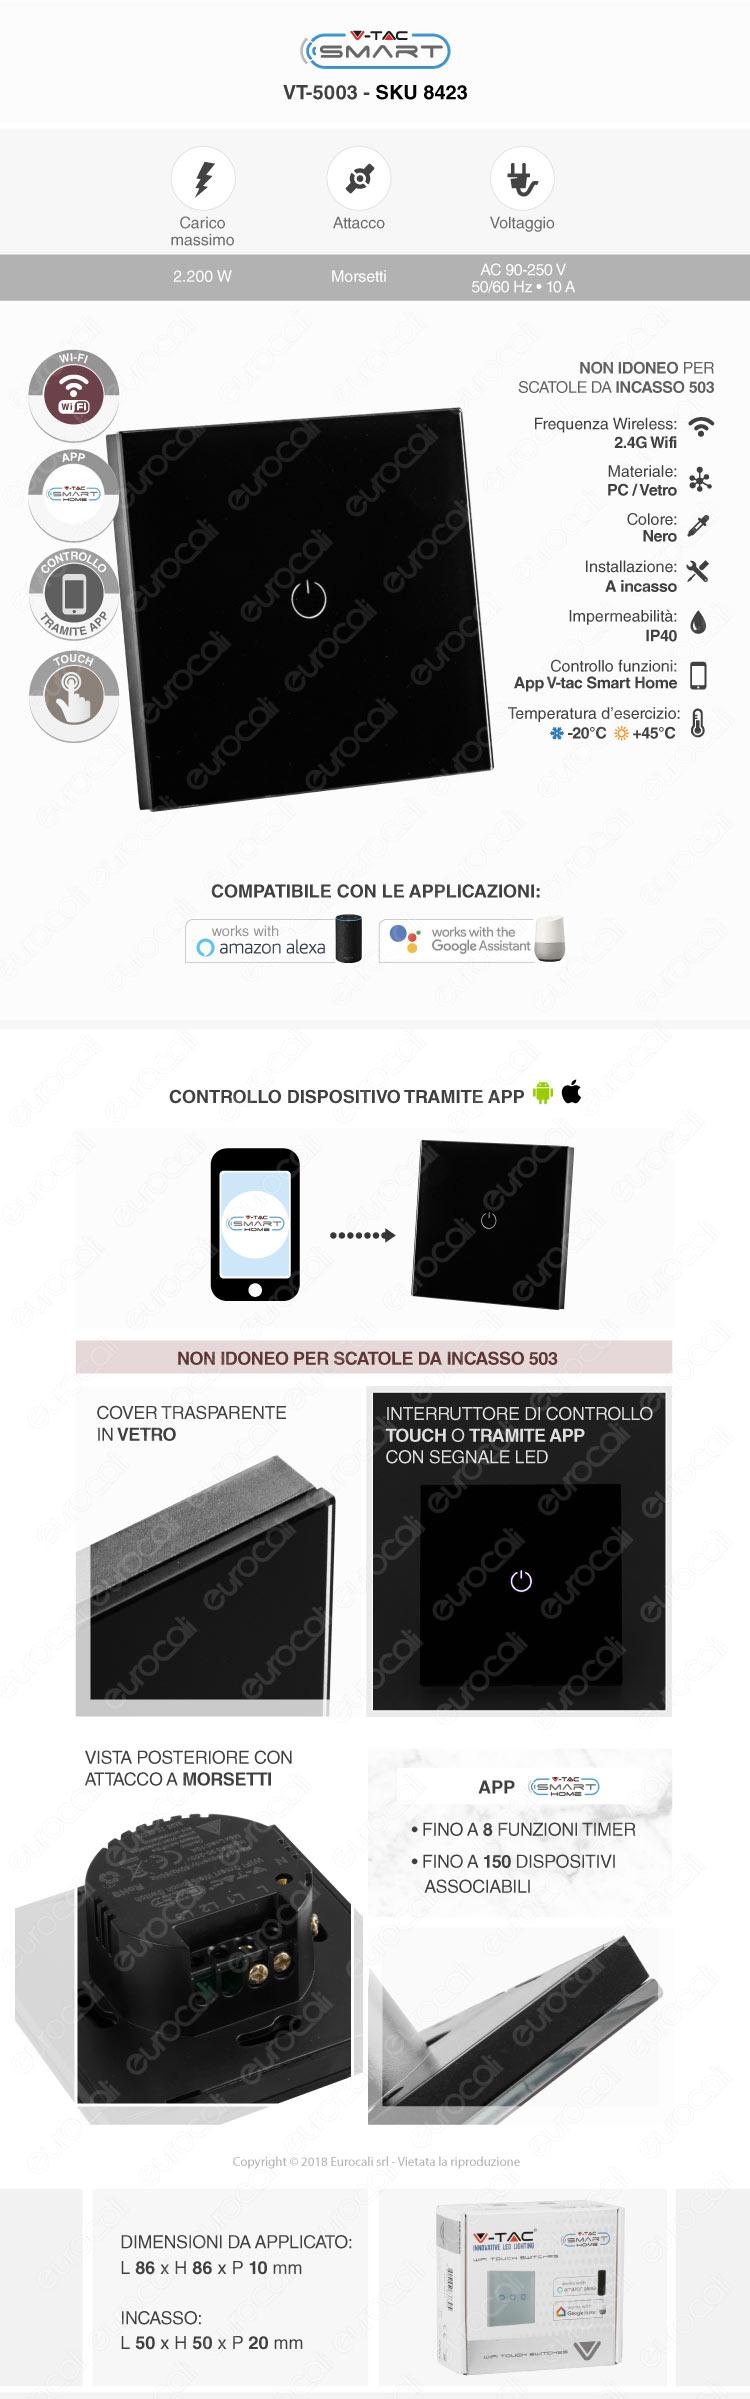 Interruttore Touch Wi-Fi Nero V-Tac Smart VT-5003con 1 Tasto